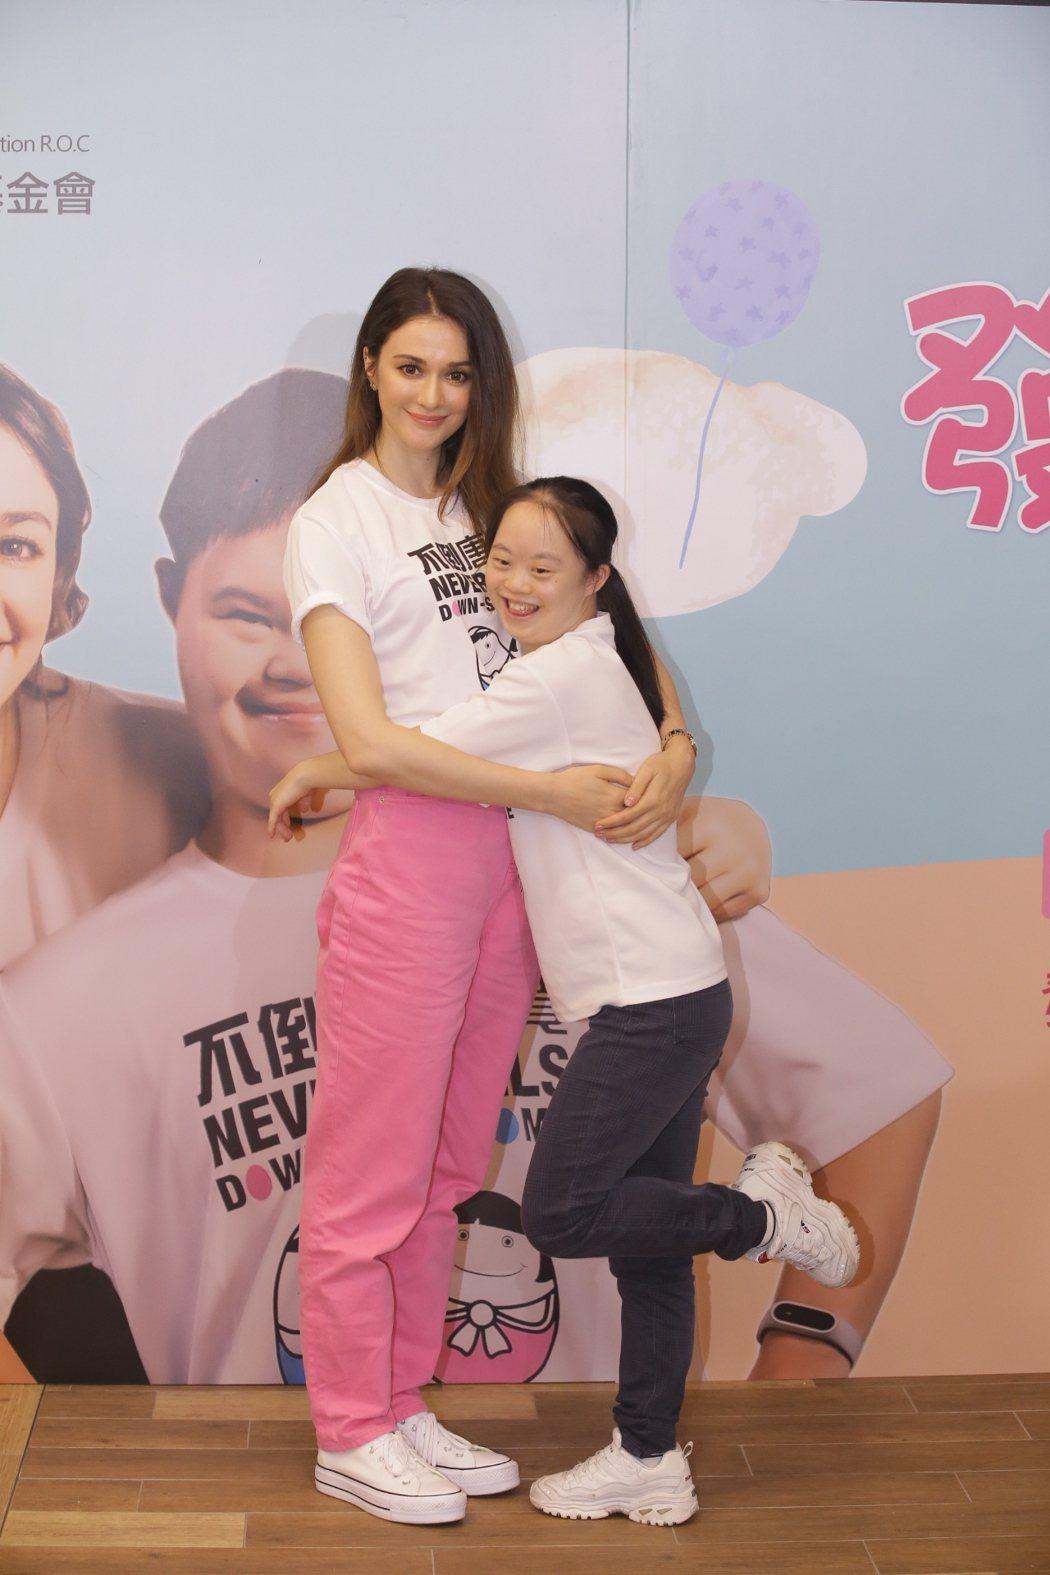 瑞莎出席公益活動,唐寶寶給予大大擁抱。圗/唐氏症基金會提供